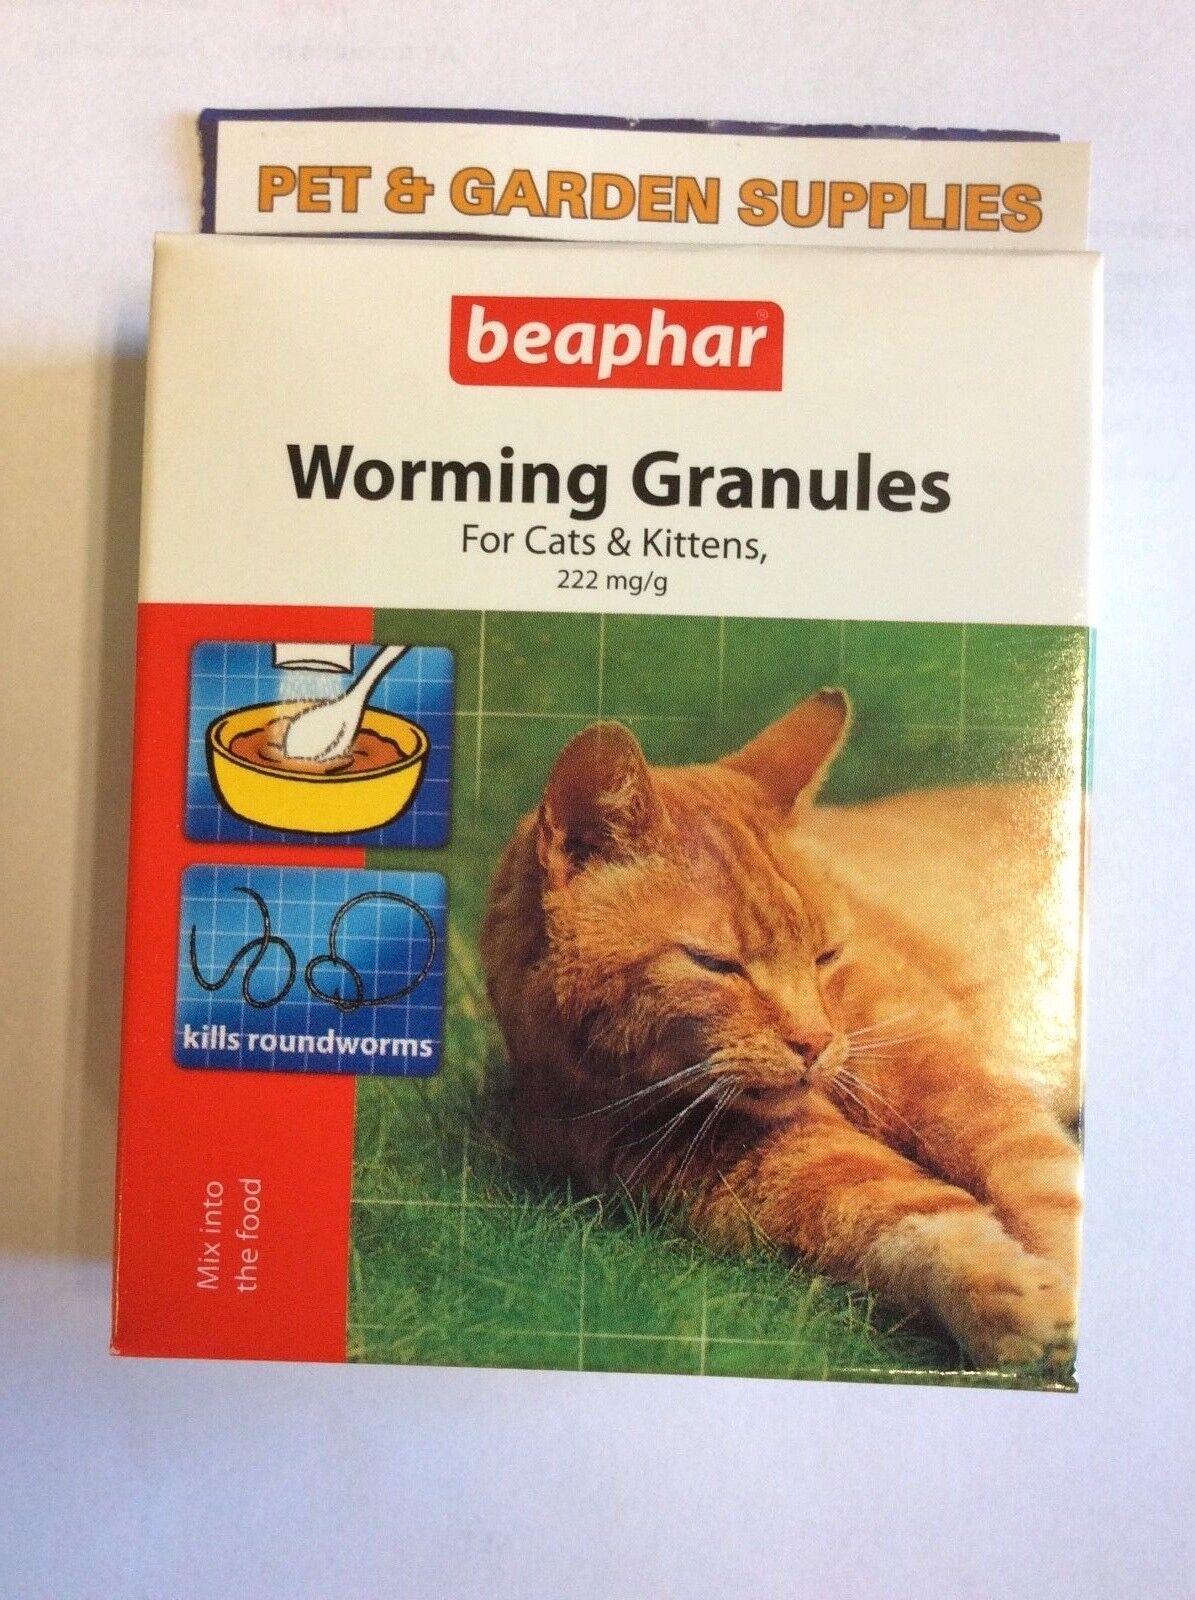 beaphar Worming Granules for Cats and Kittens (4 sachet)